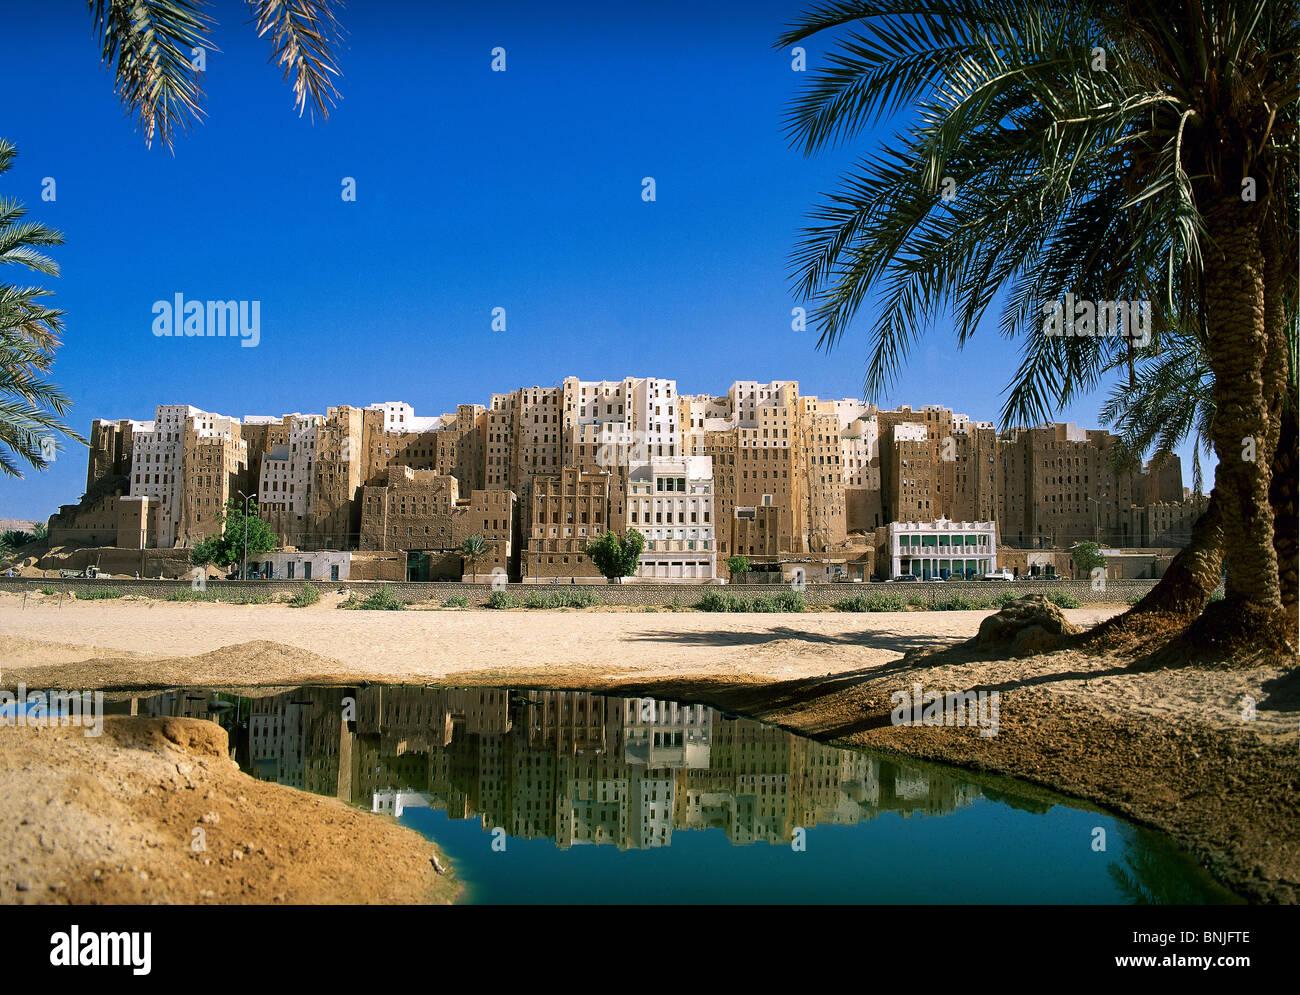 Febrero de 2005 el valle de Hadhramaut Yemen Shibam ciudad patrimonio mundial de la UNESCO el agua palmeras Imagen De Stock